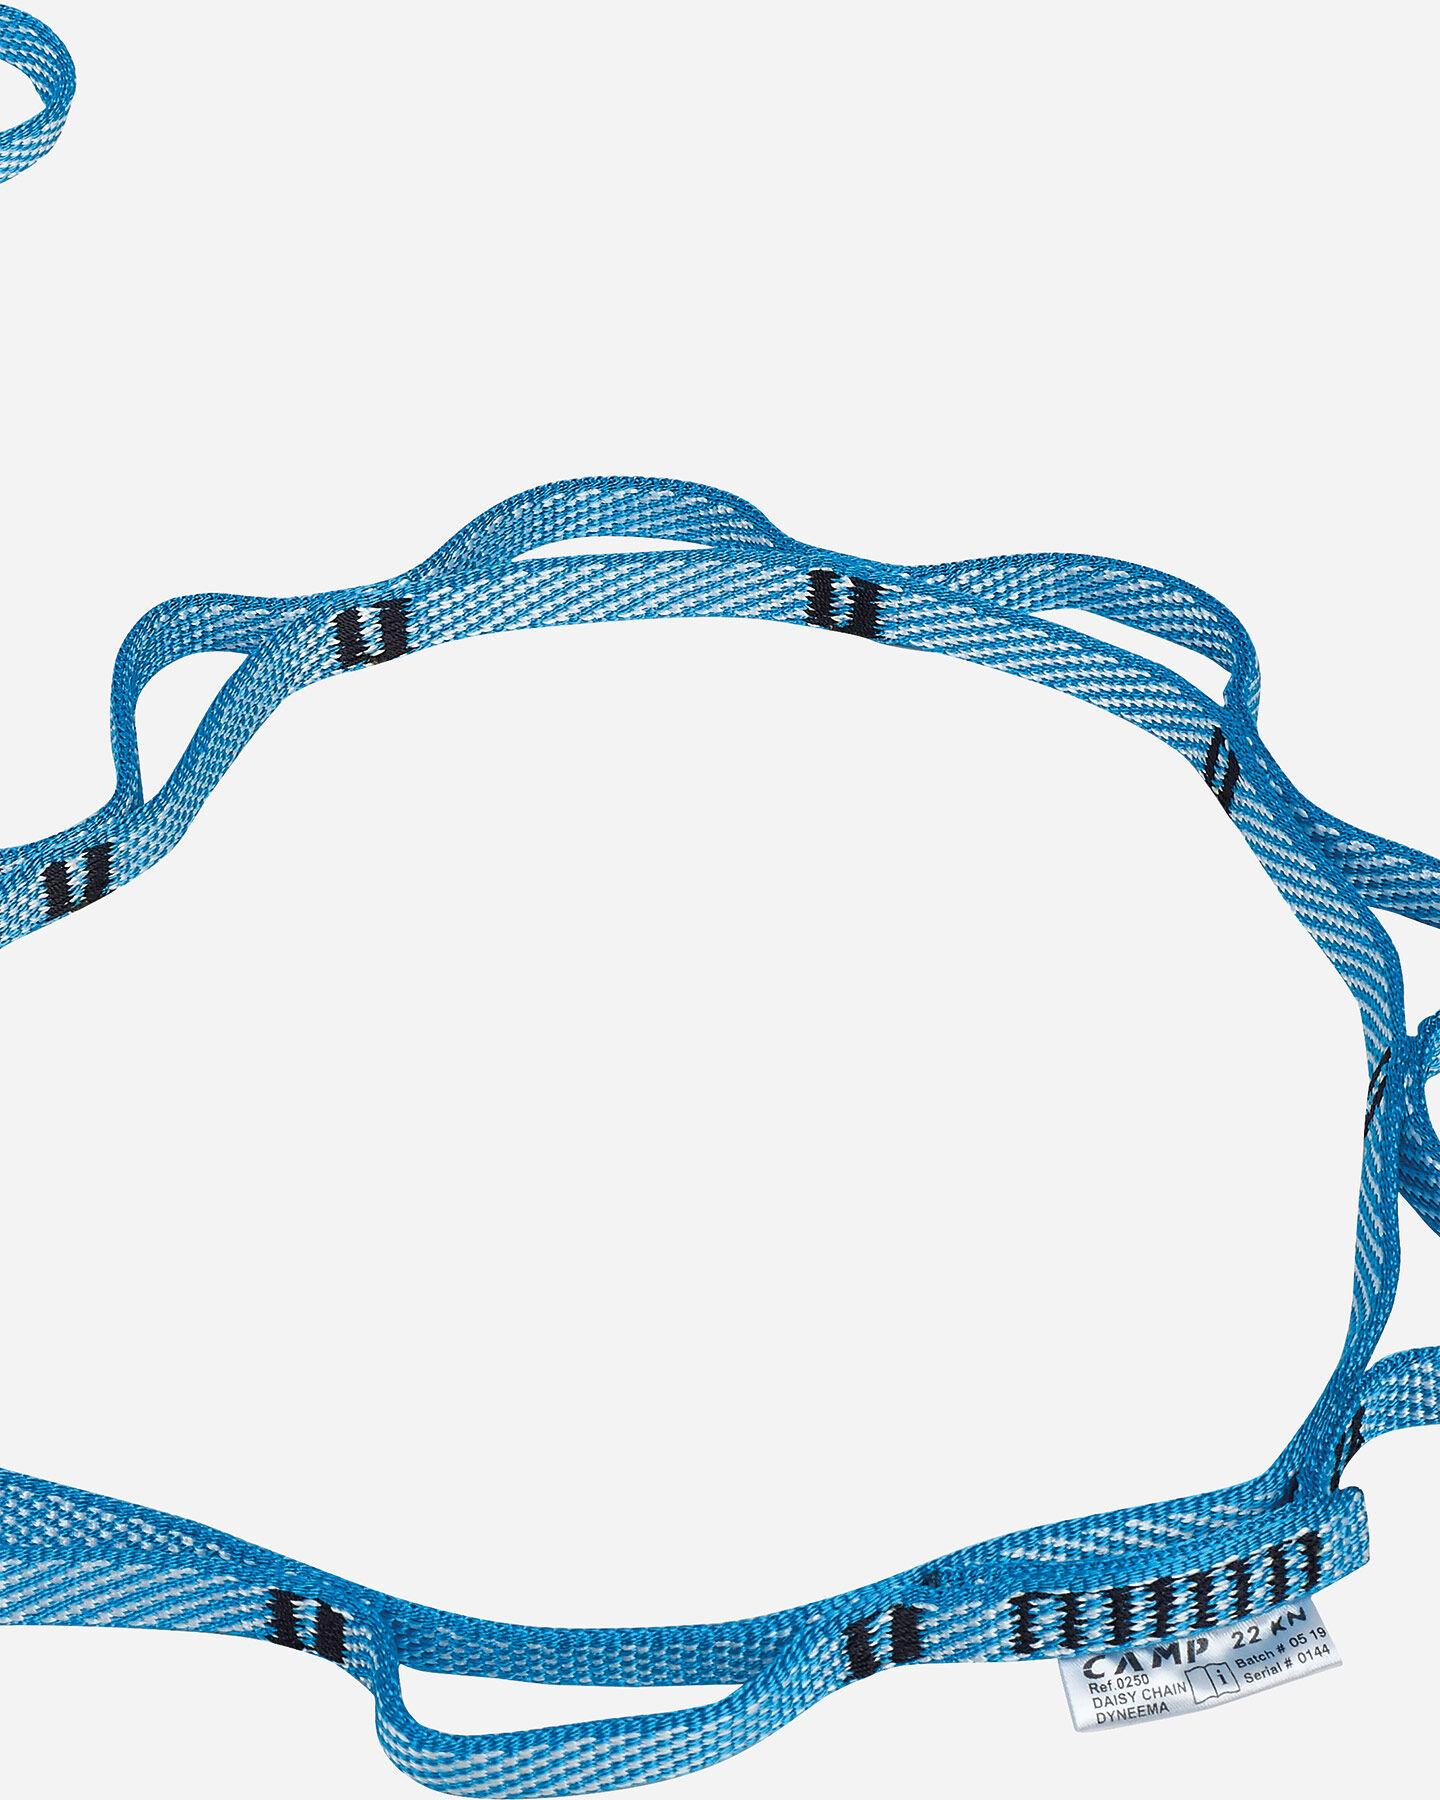 Accessorio arrampicata CAMP DAISY CHAIN CAMP DYNEMA 250 S0624191 9999 UNI scatto 1